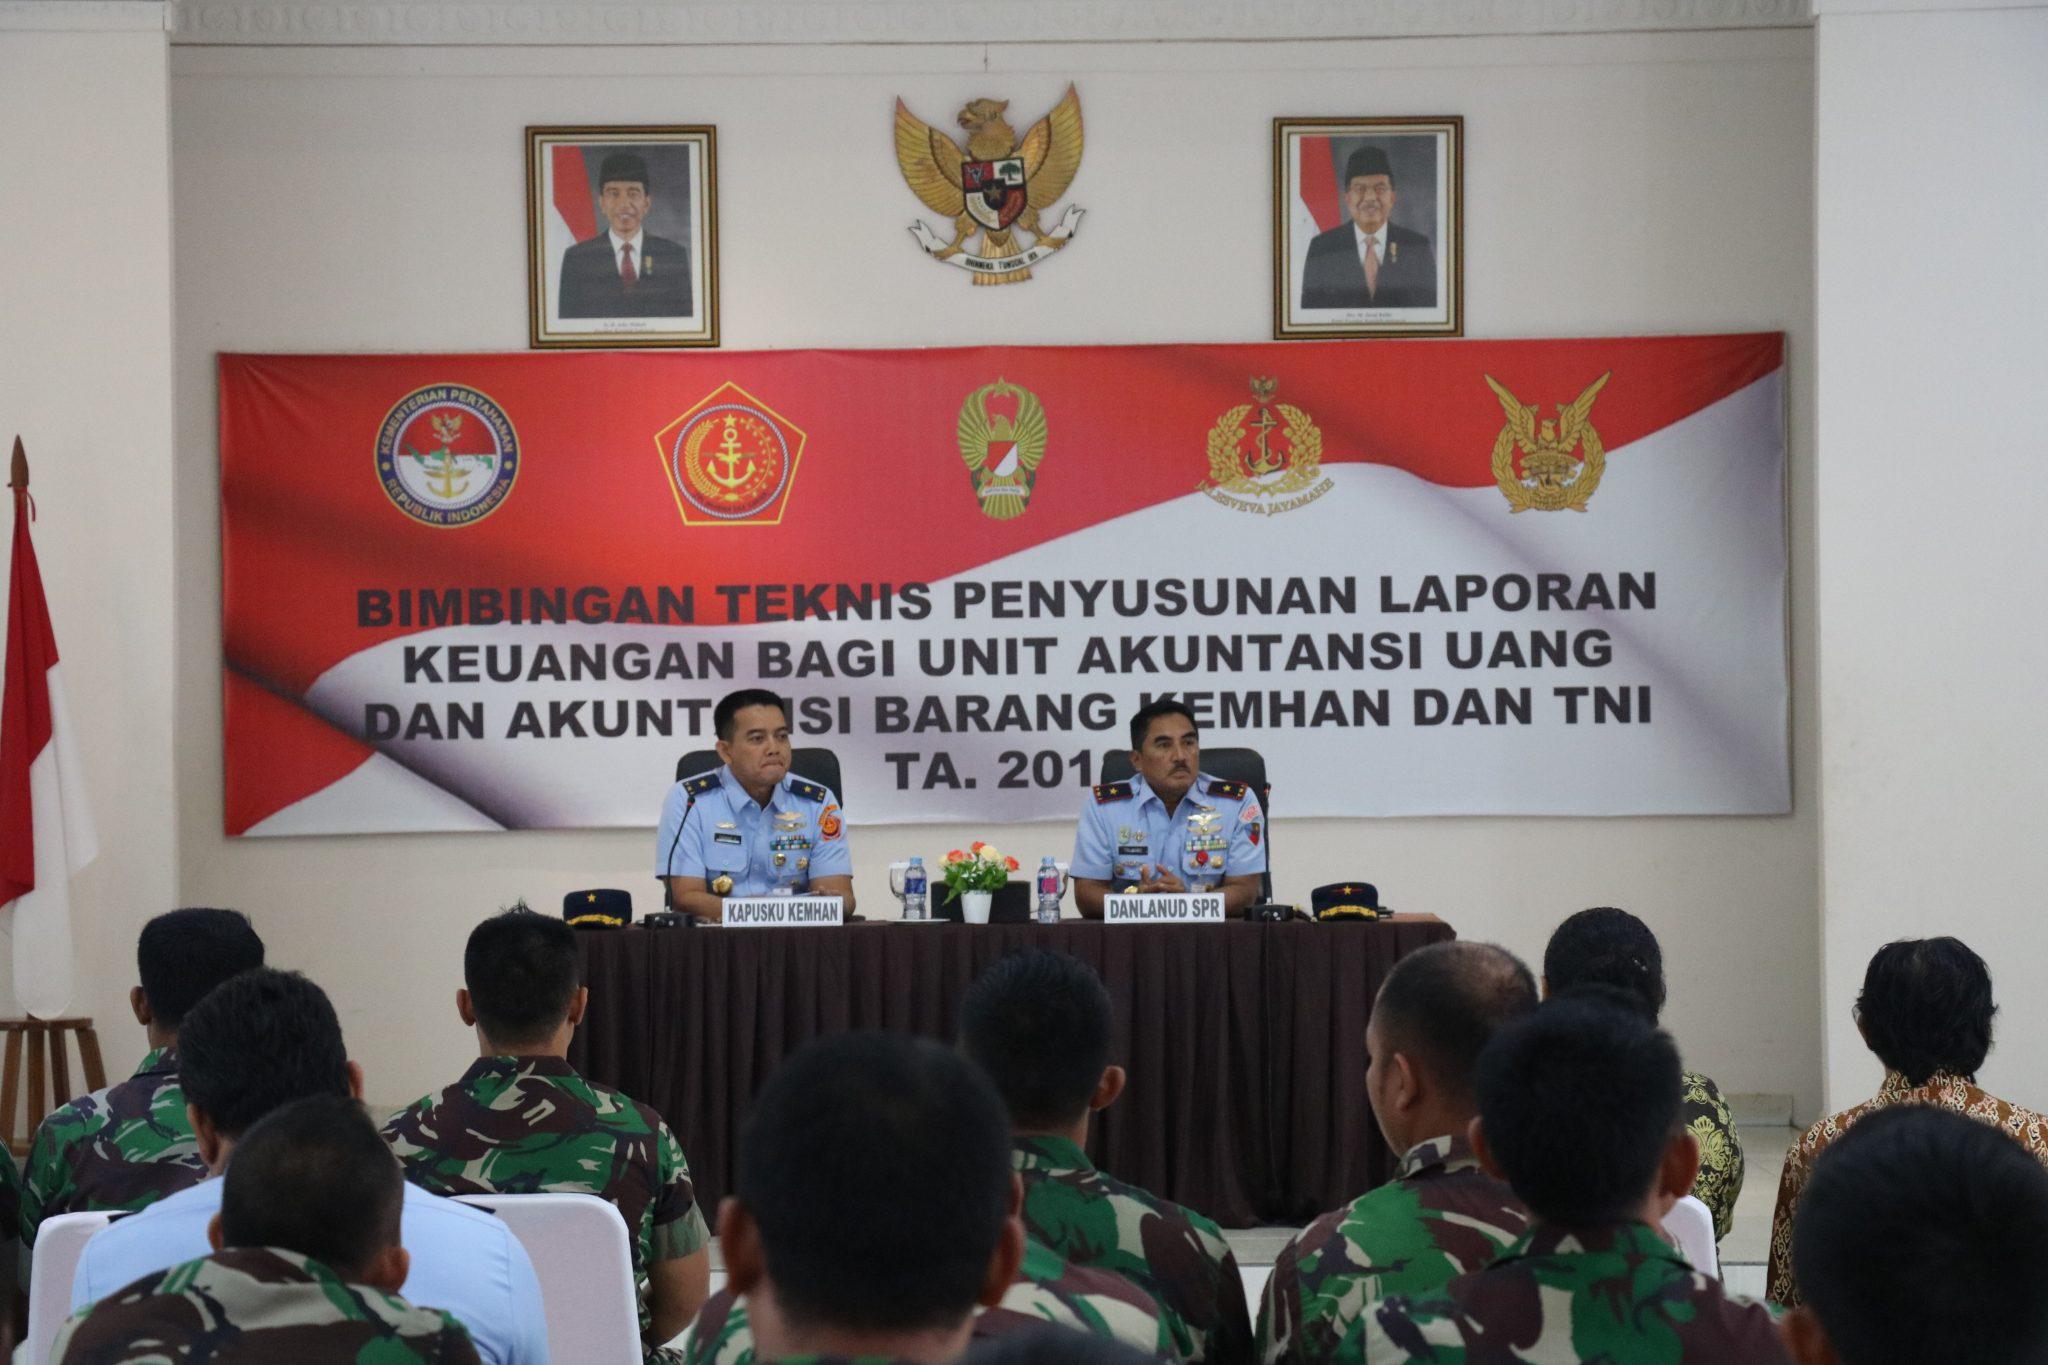 Wujudkan WTP, Operator SIMAK TNI Ikuti Bimtek Laporan Keuangan